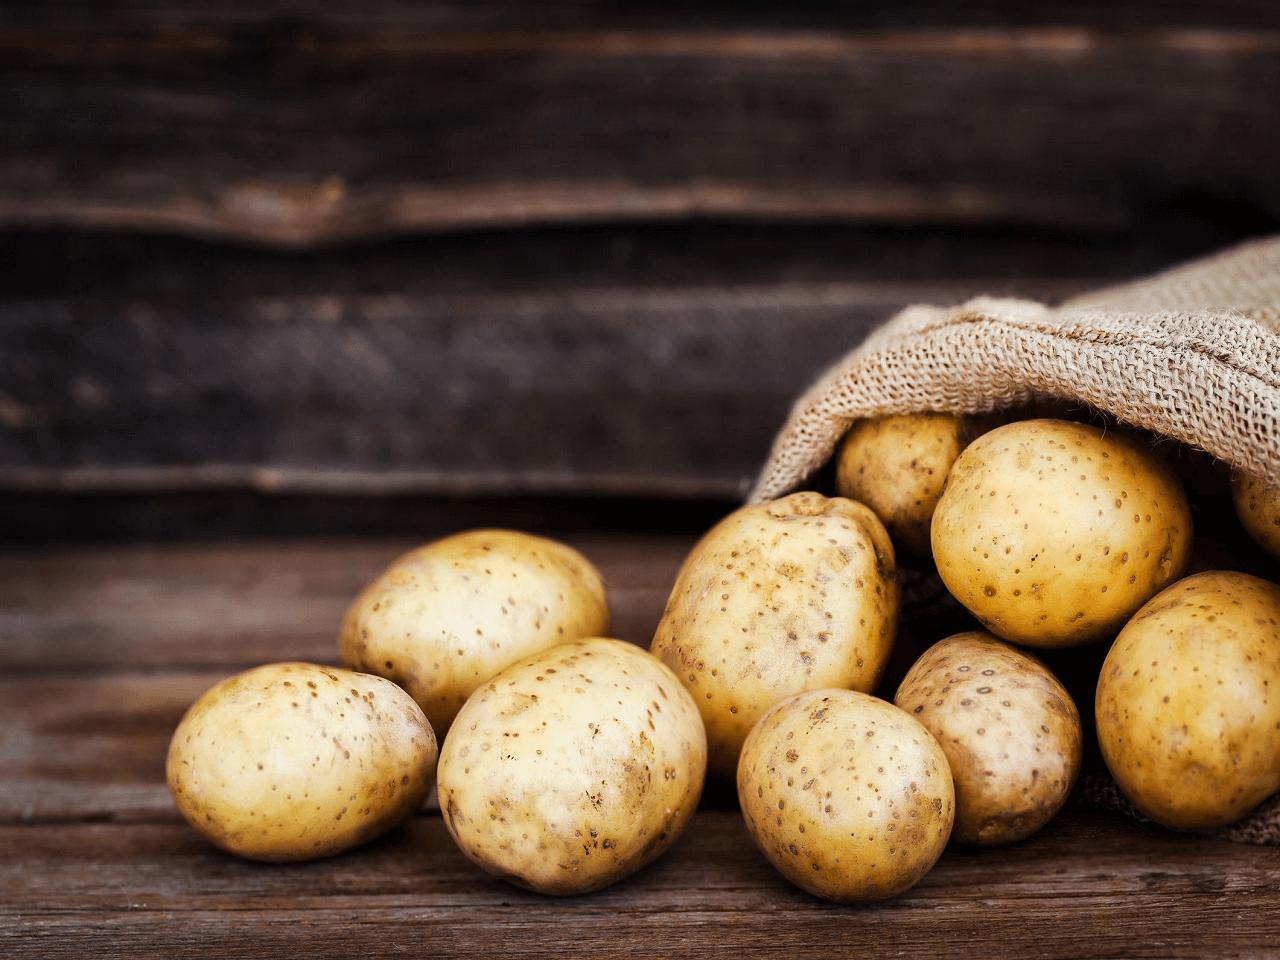 Patates İthalatına Gözetim Uygulaması Getirildi